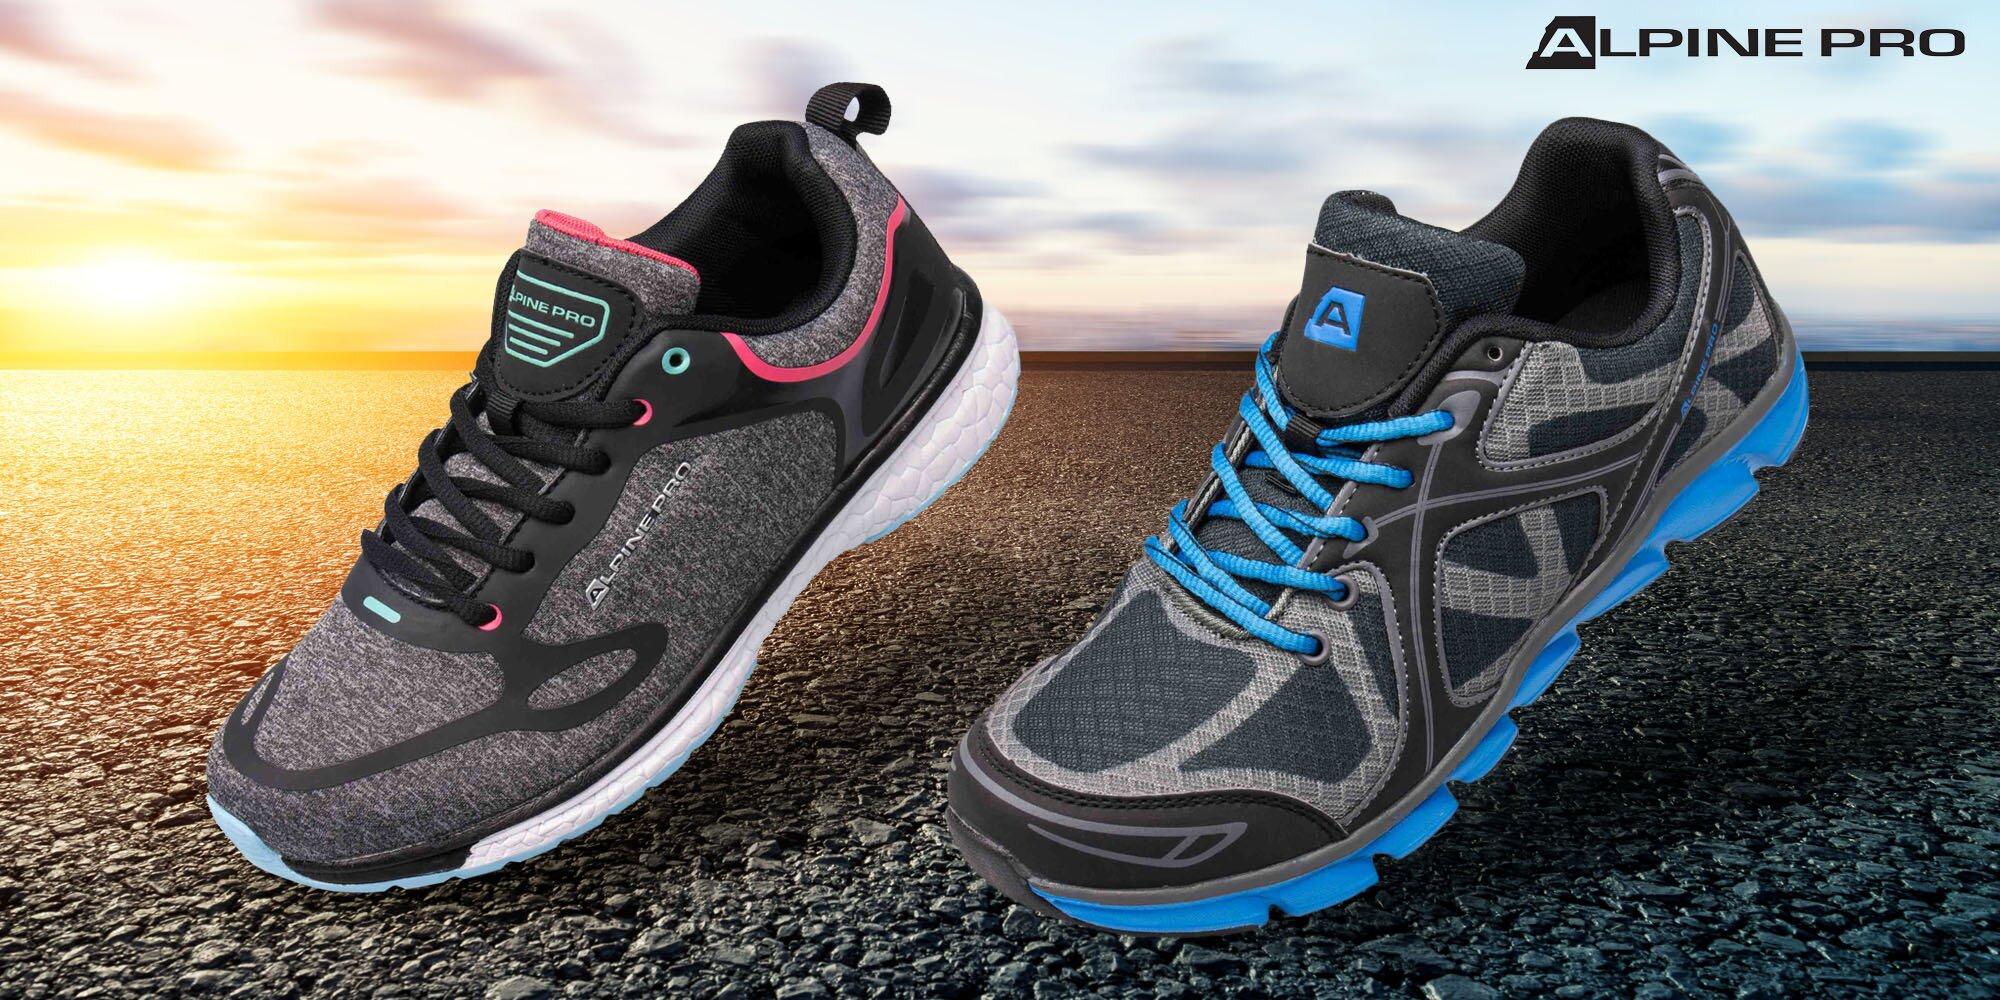 327b5952cee Dámská a pánská sportovní obuv Alpine Pro